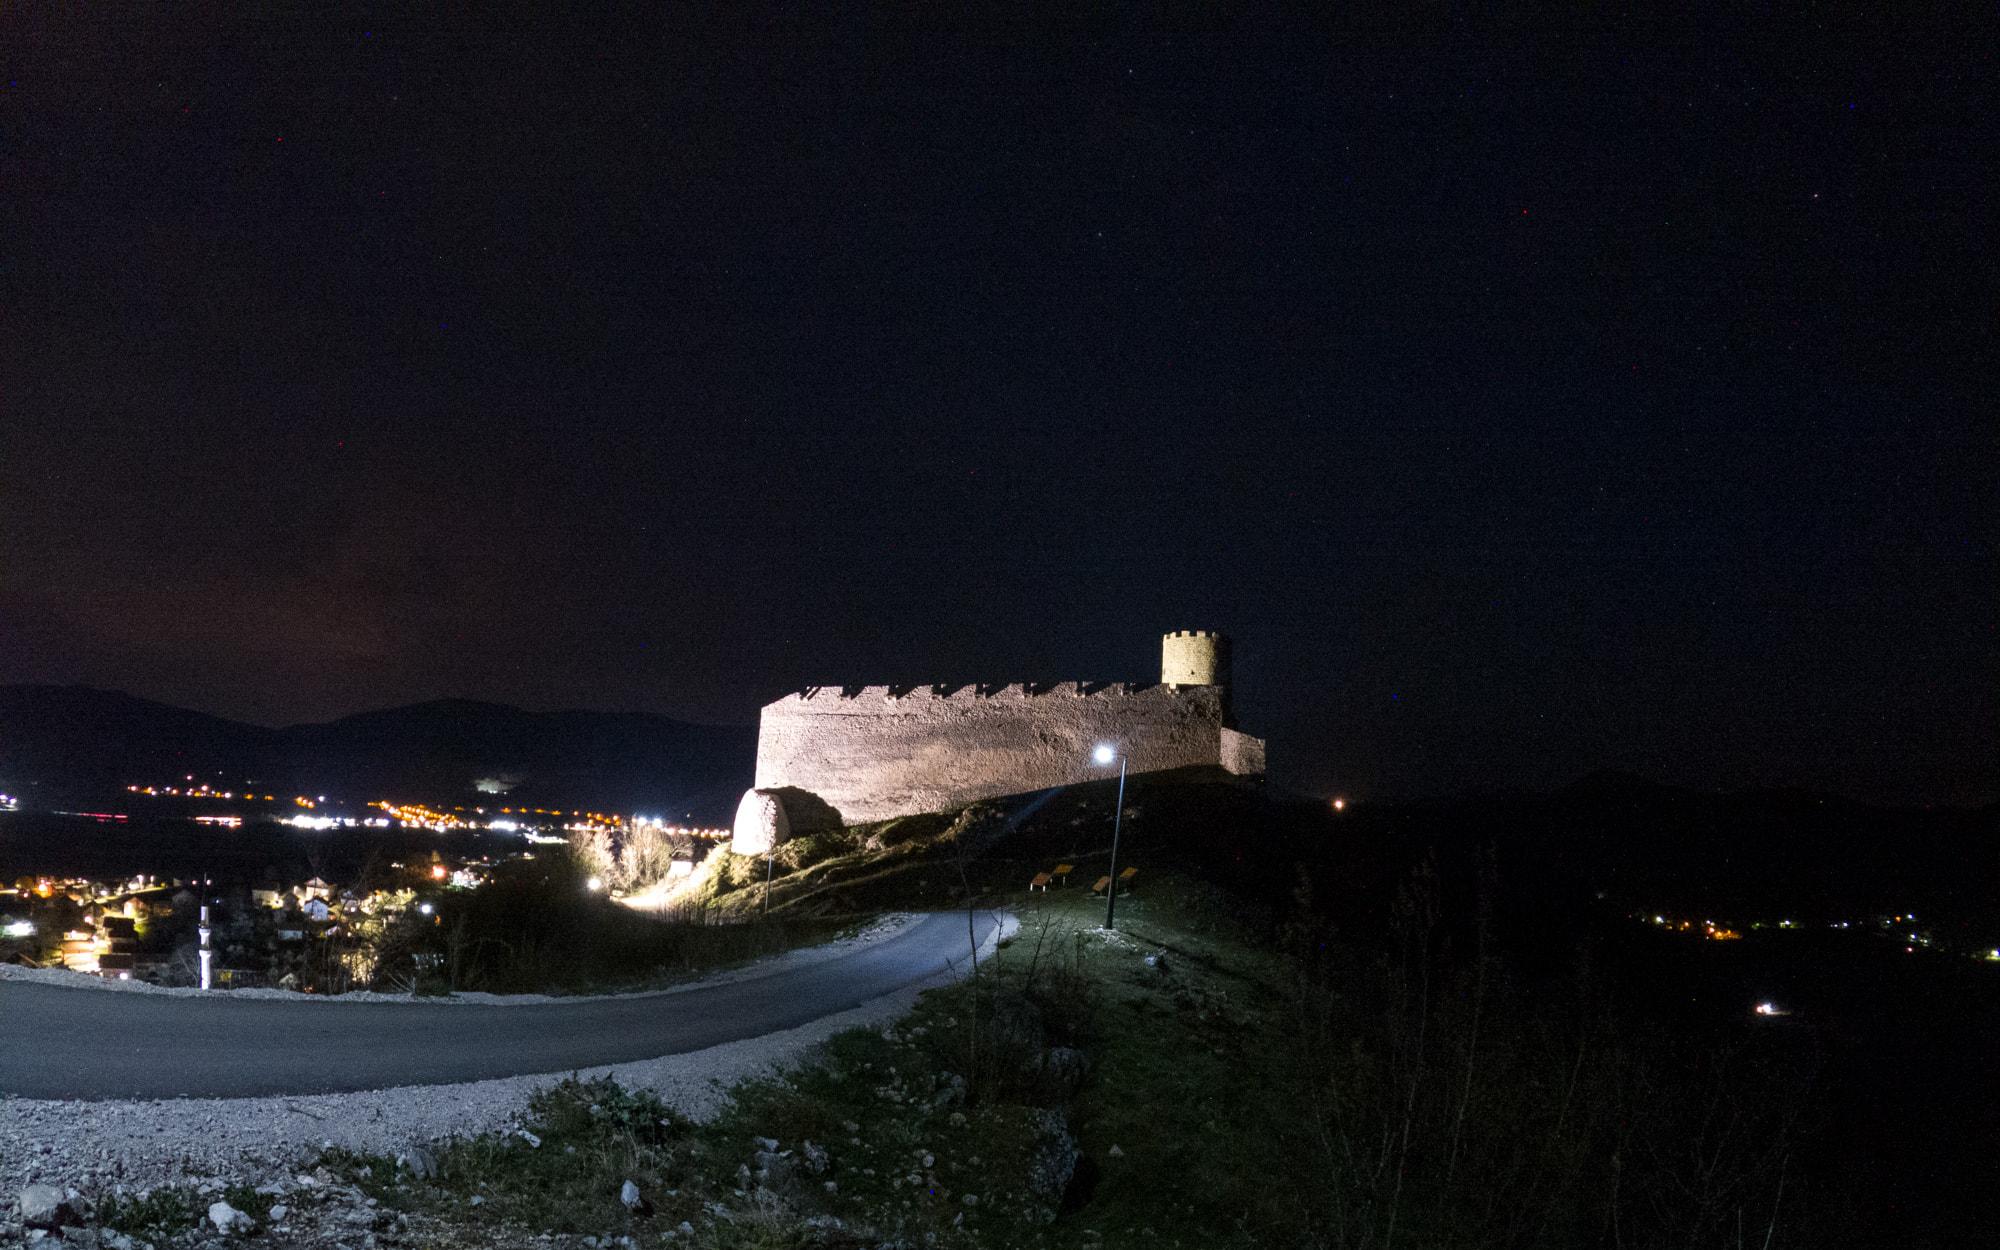 Grad Sokolac postaje prava mala bajka: Solarna javna rasvjeta obasjala put do sokolačke kule